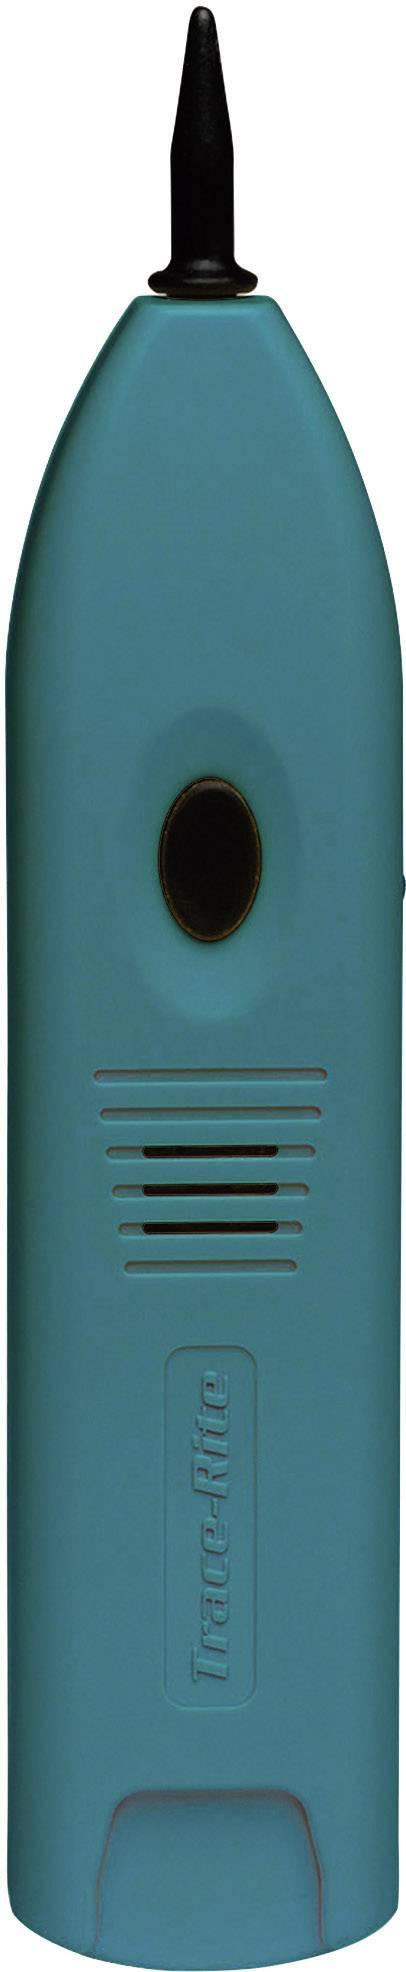 Bezdrôtový detektor vedenia s generátorom tónu Psiber TP200, 226505